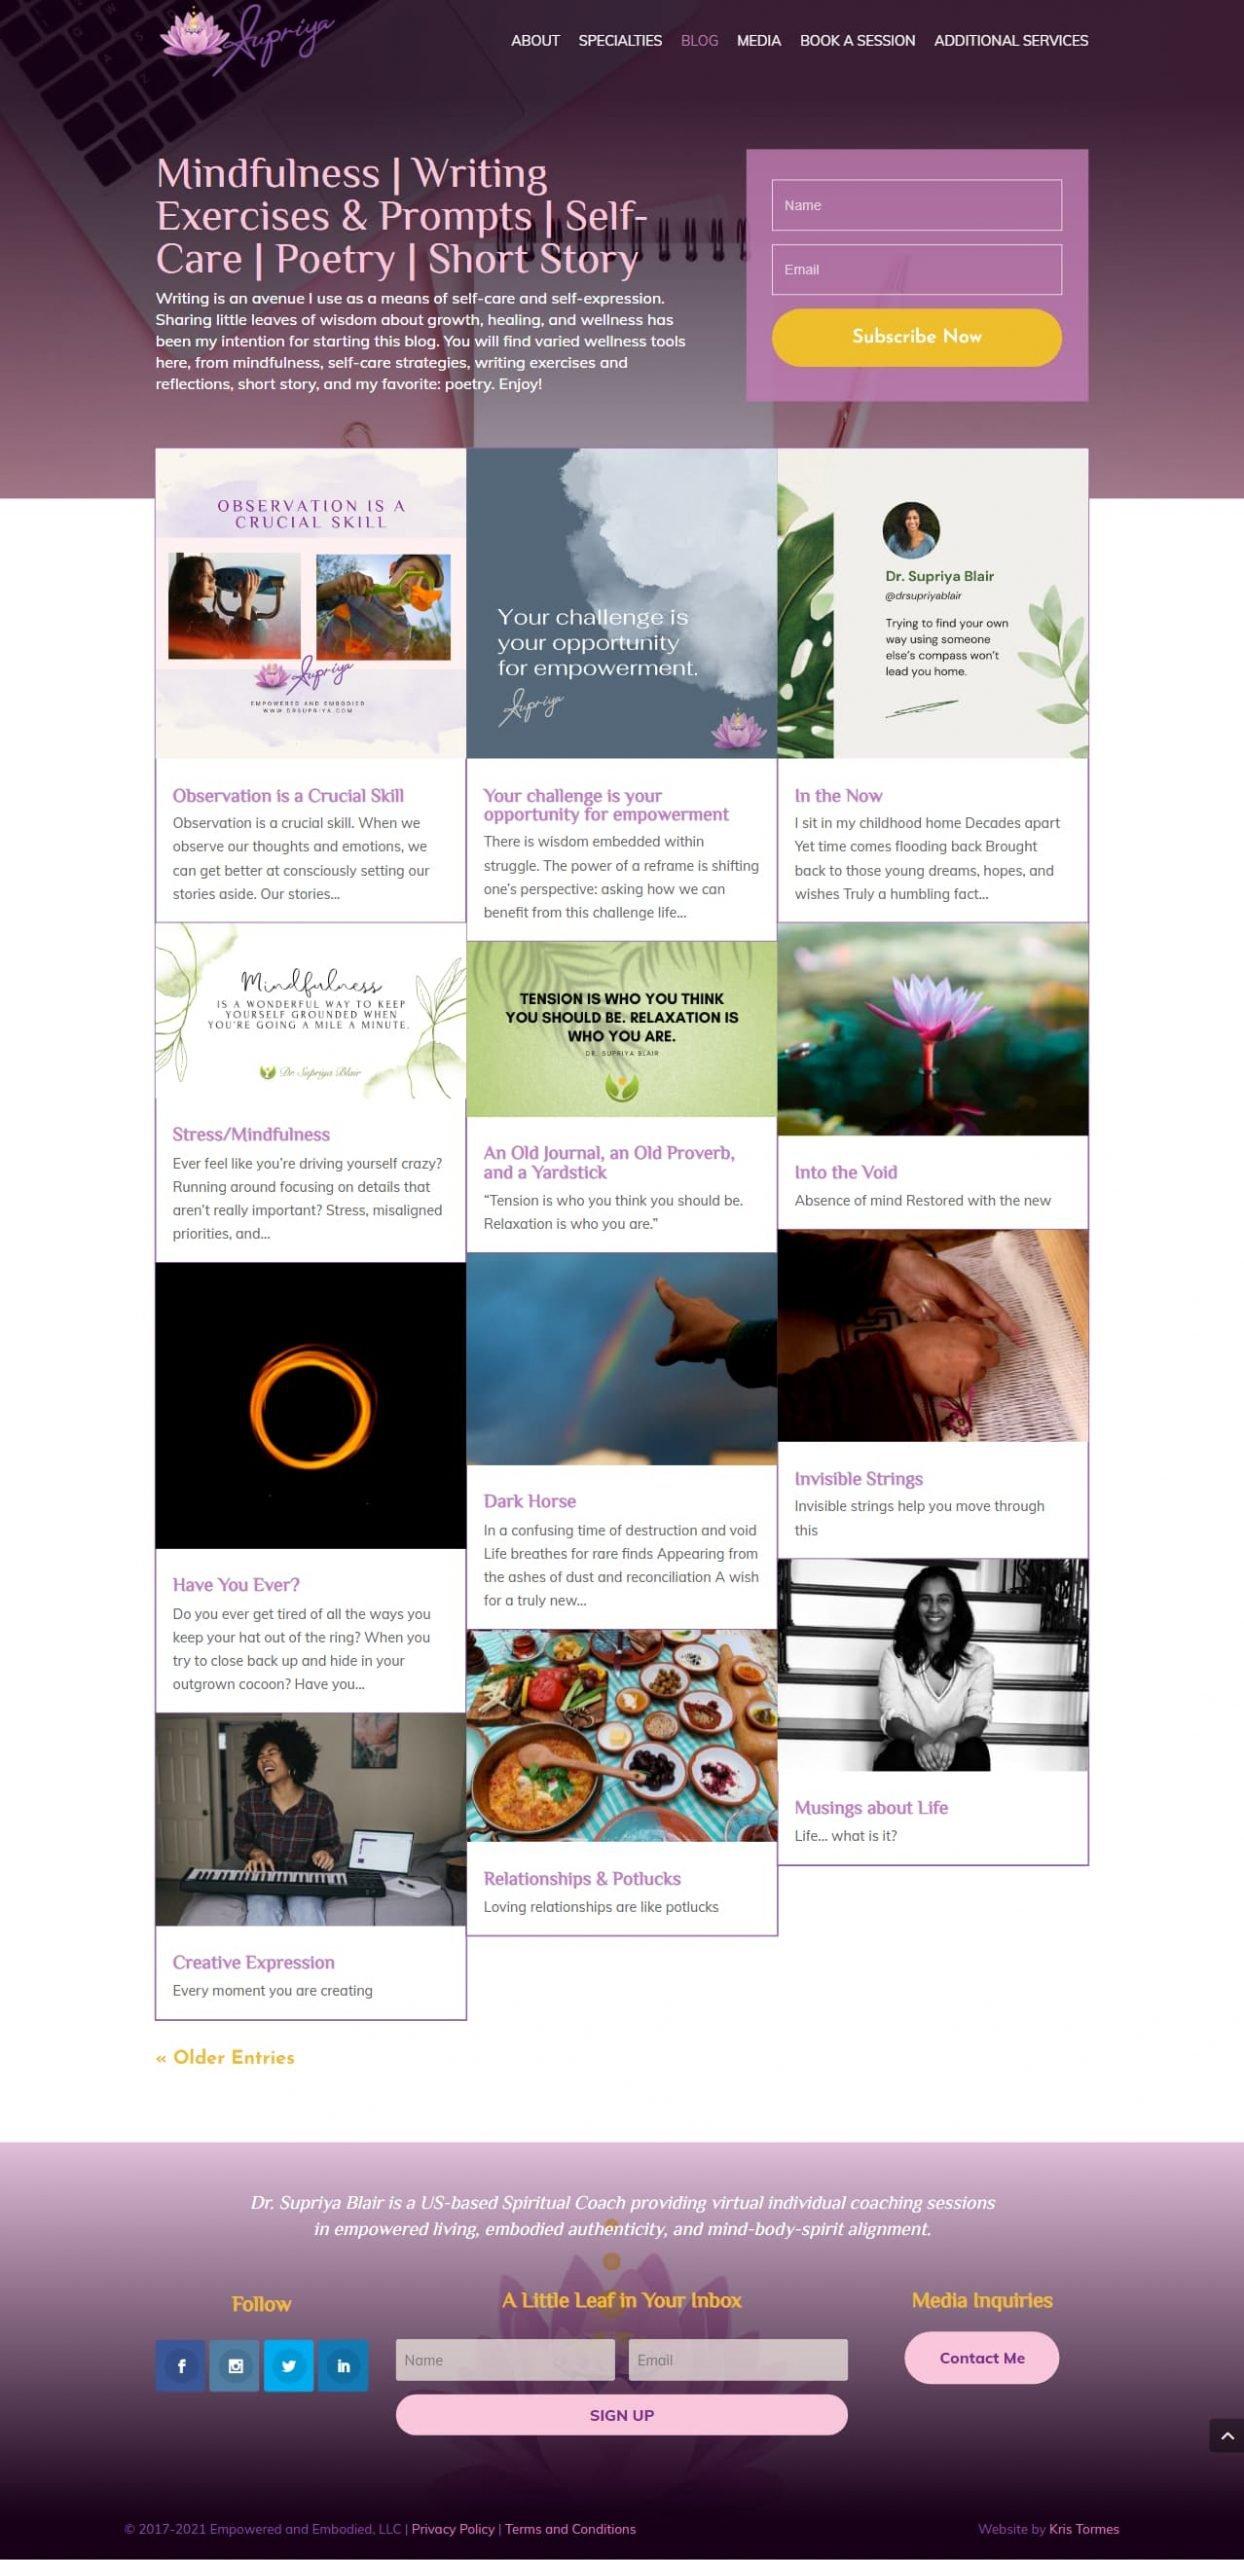 Dr Supriya Blog